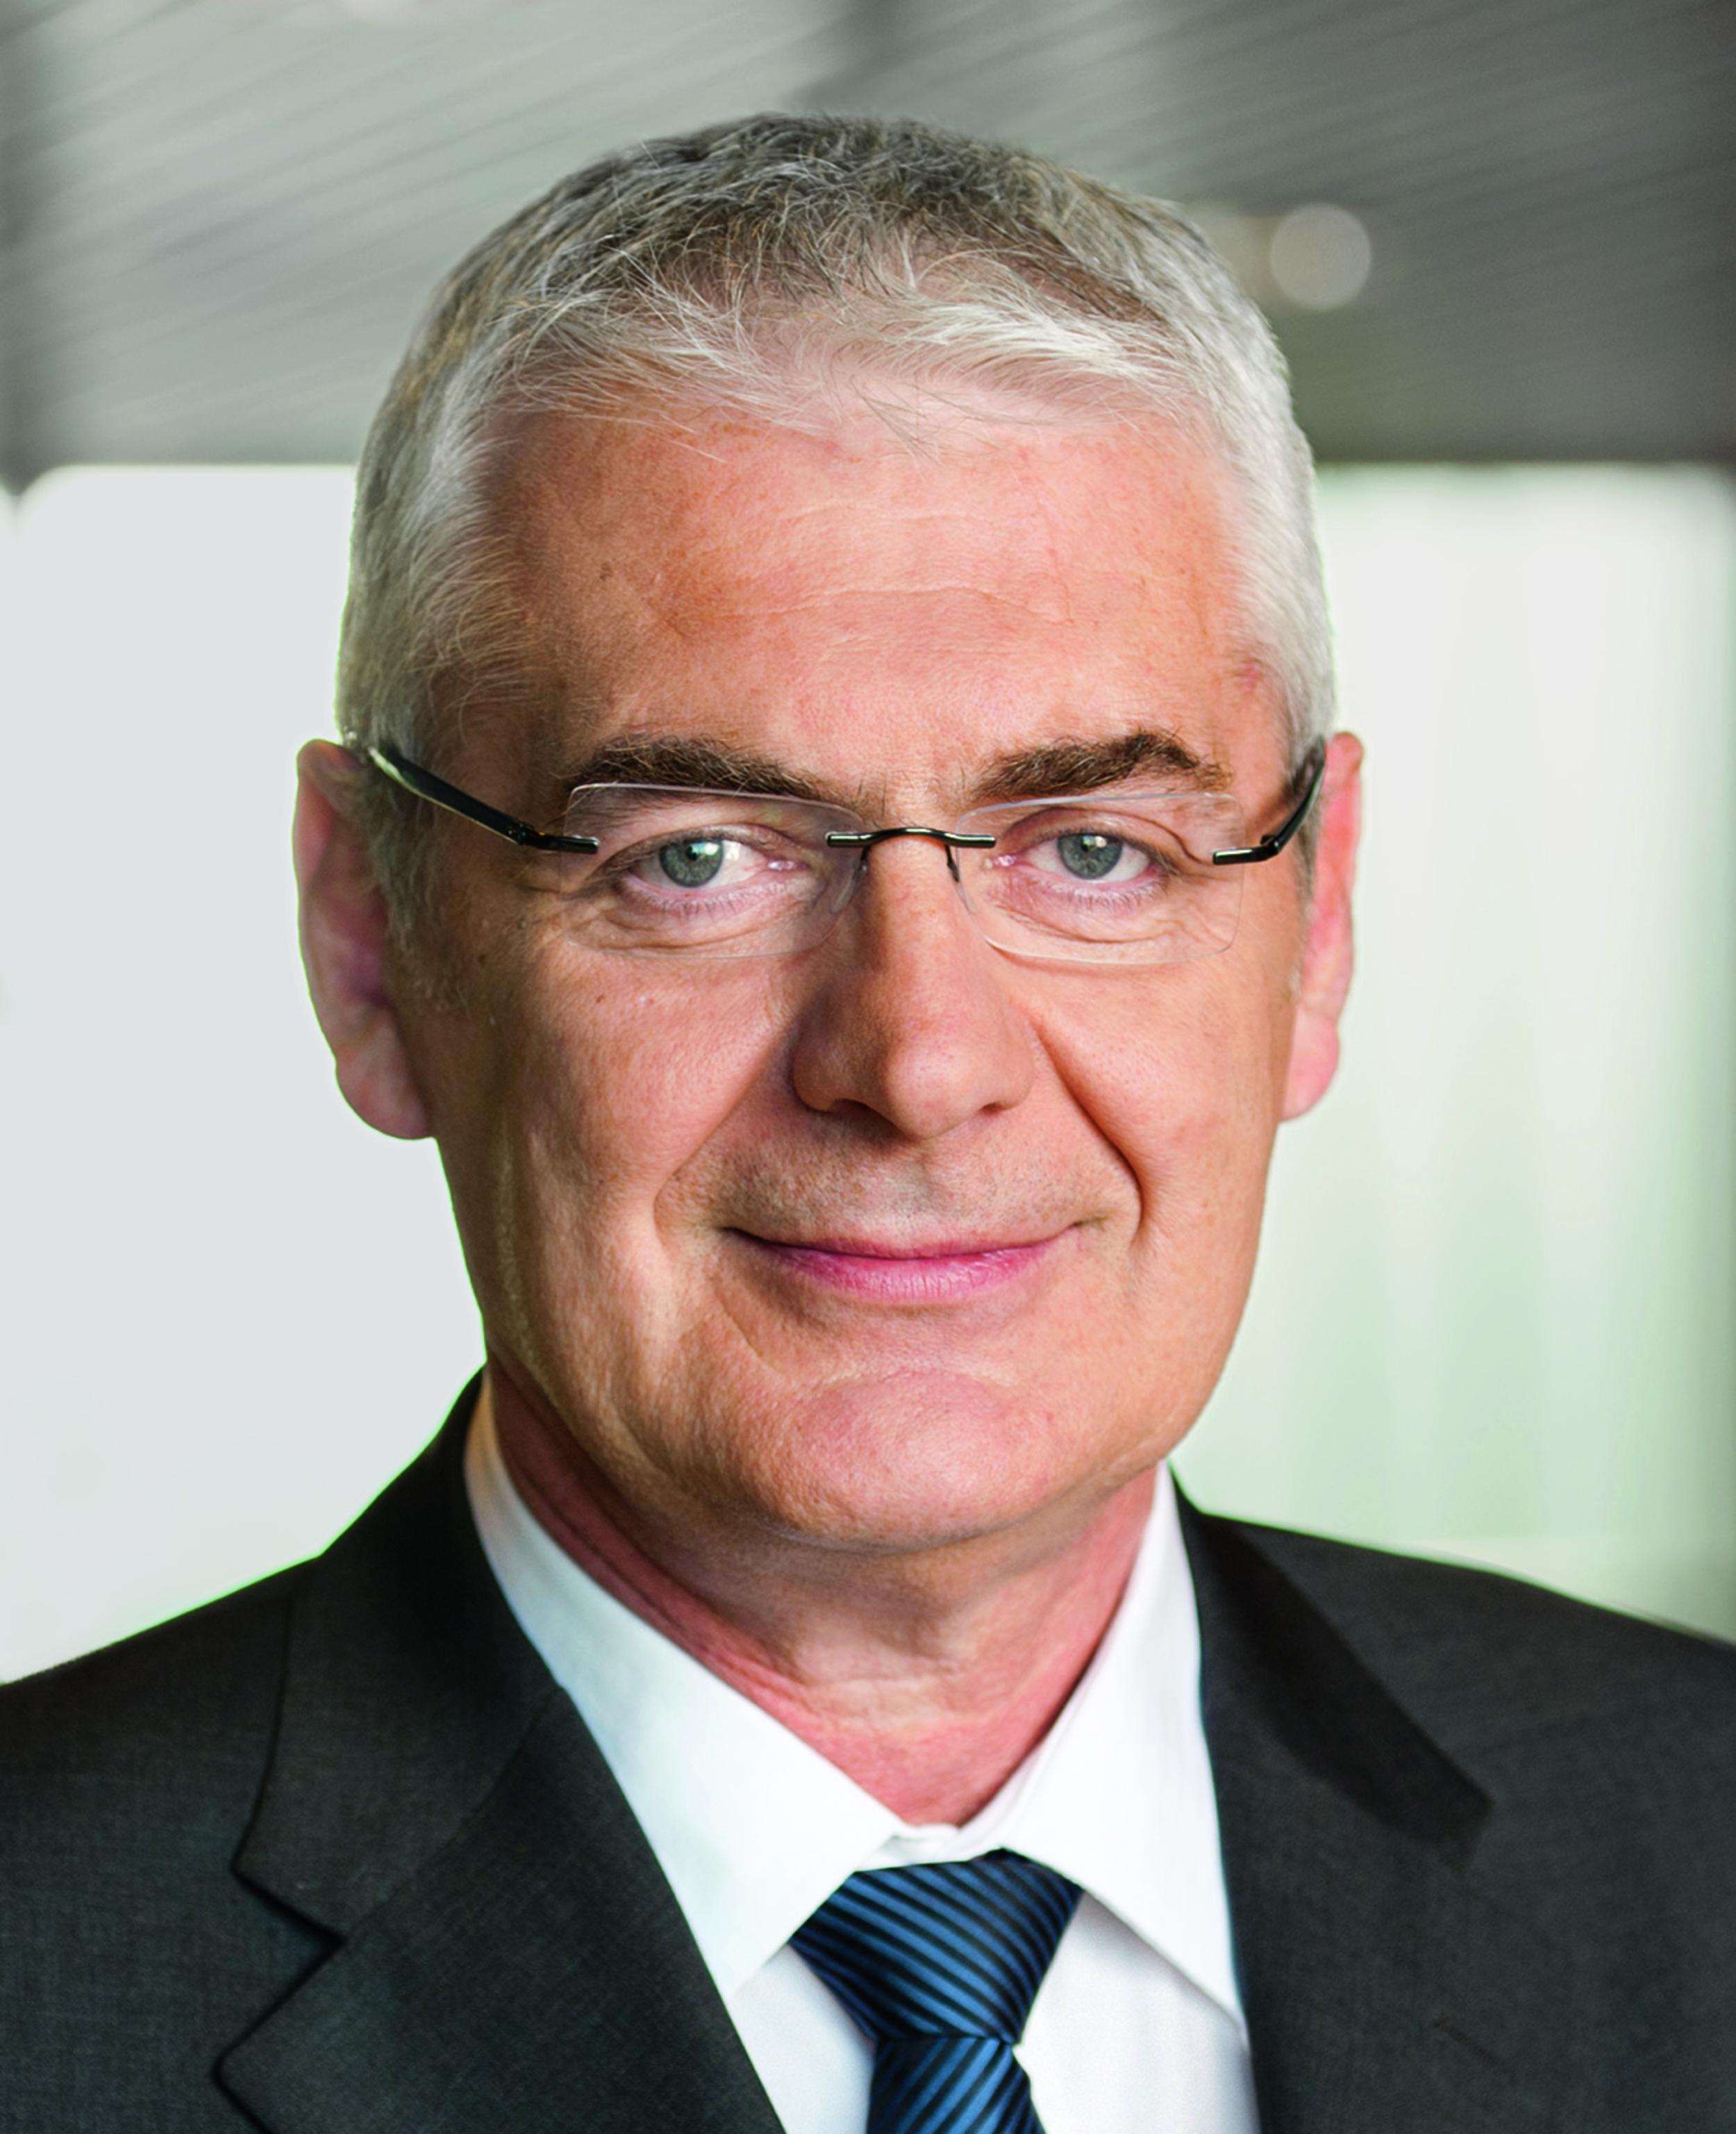 Željko Topić, Vice-President Directorate-General Administration at the EPO.